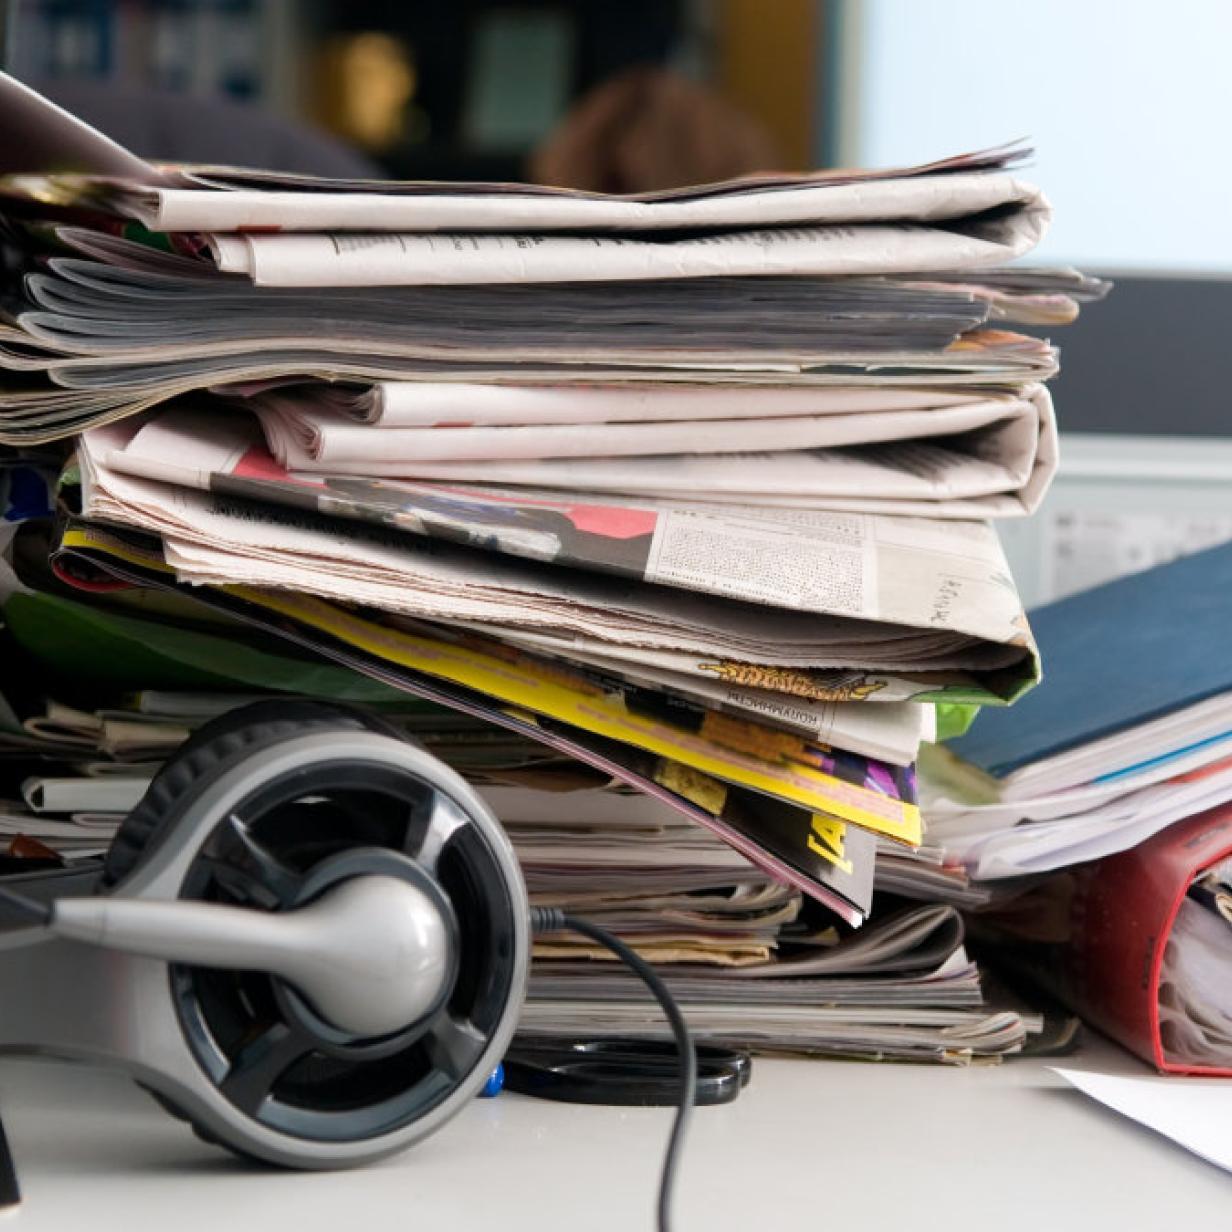 Chaos Auf Dem Schreibtisch Ist Unordnung In Ordnung Kurier At